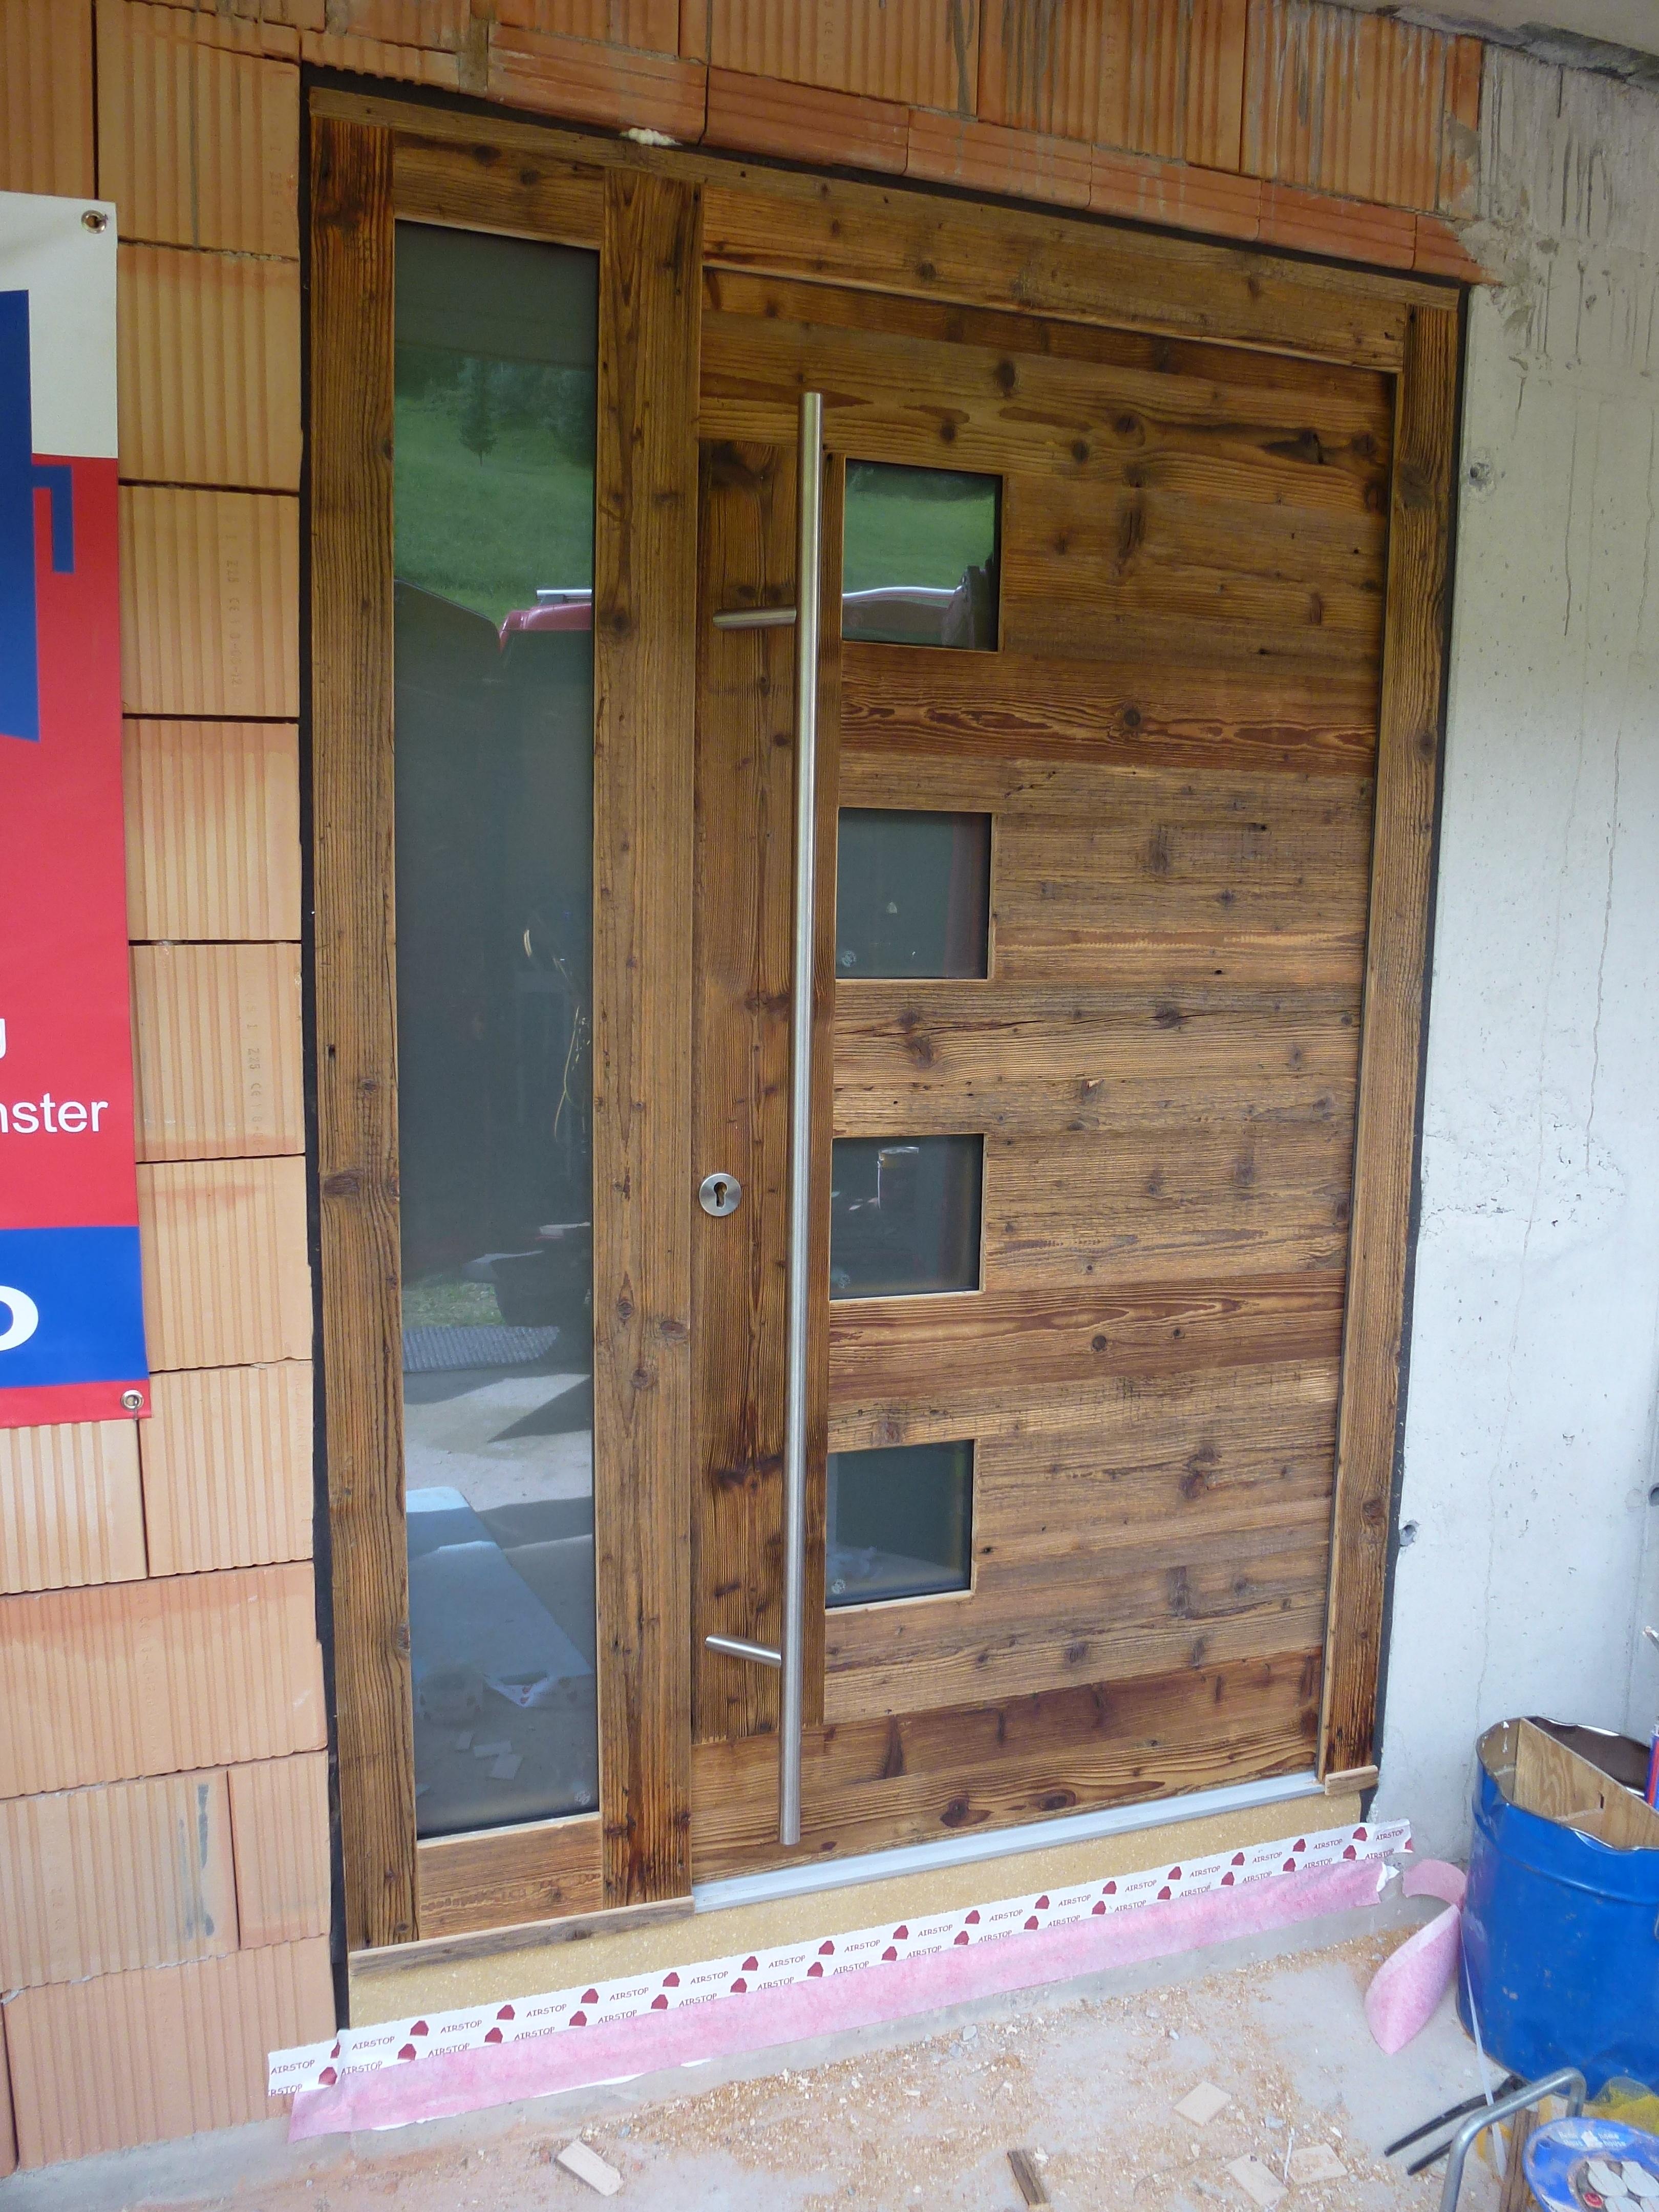 Haustüren altholz  Türen Archives - achleitner.info / Glas - Türen - Fenster